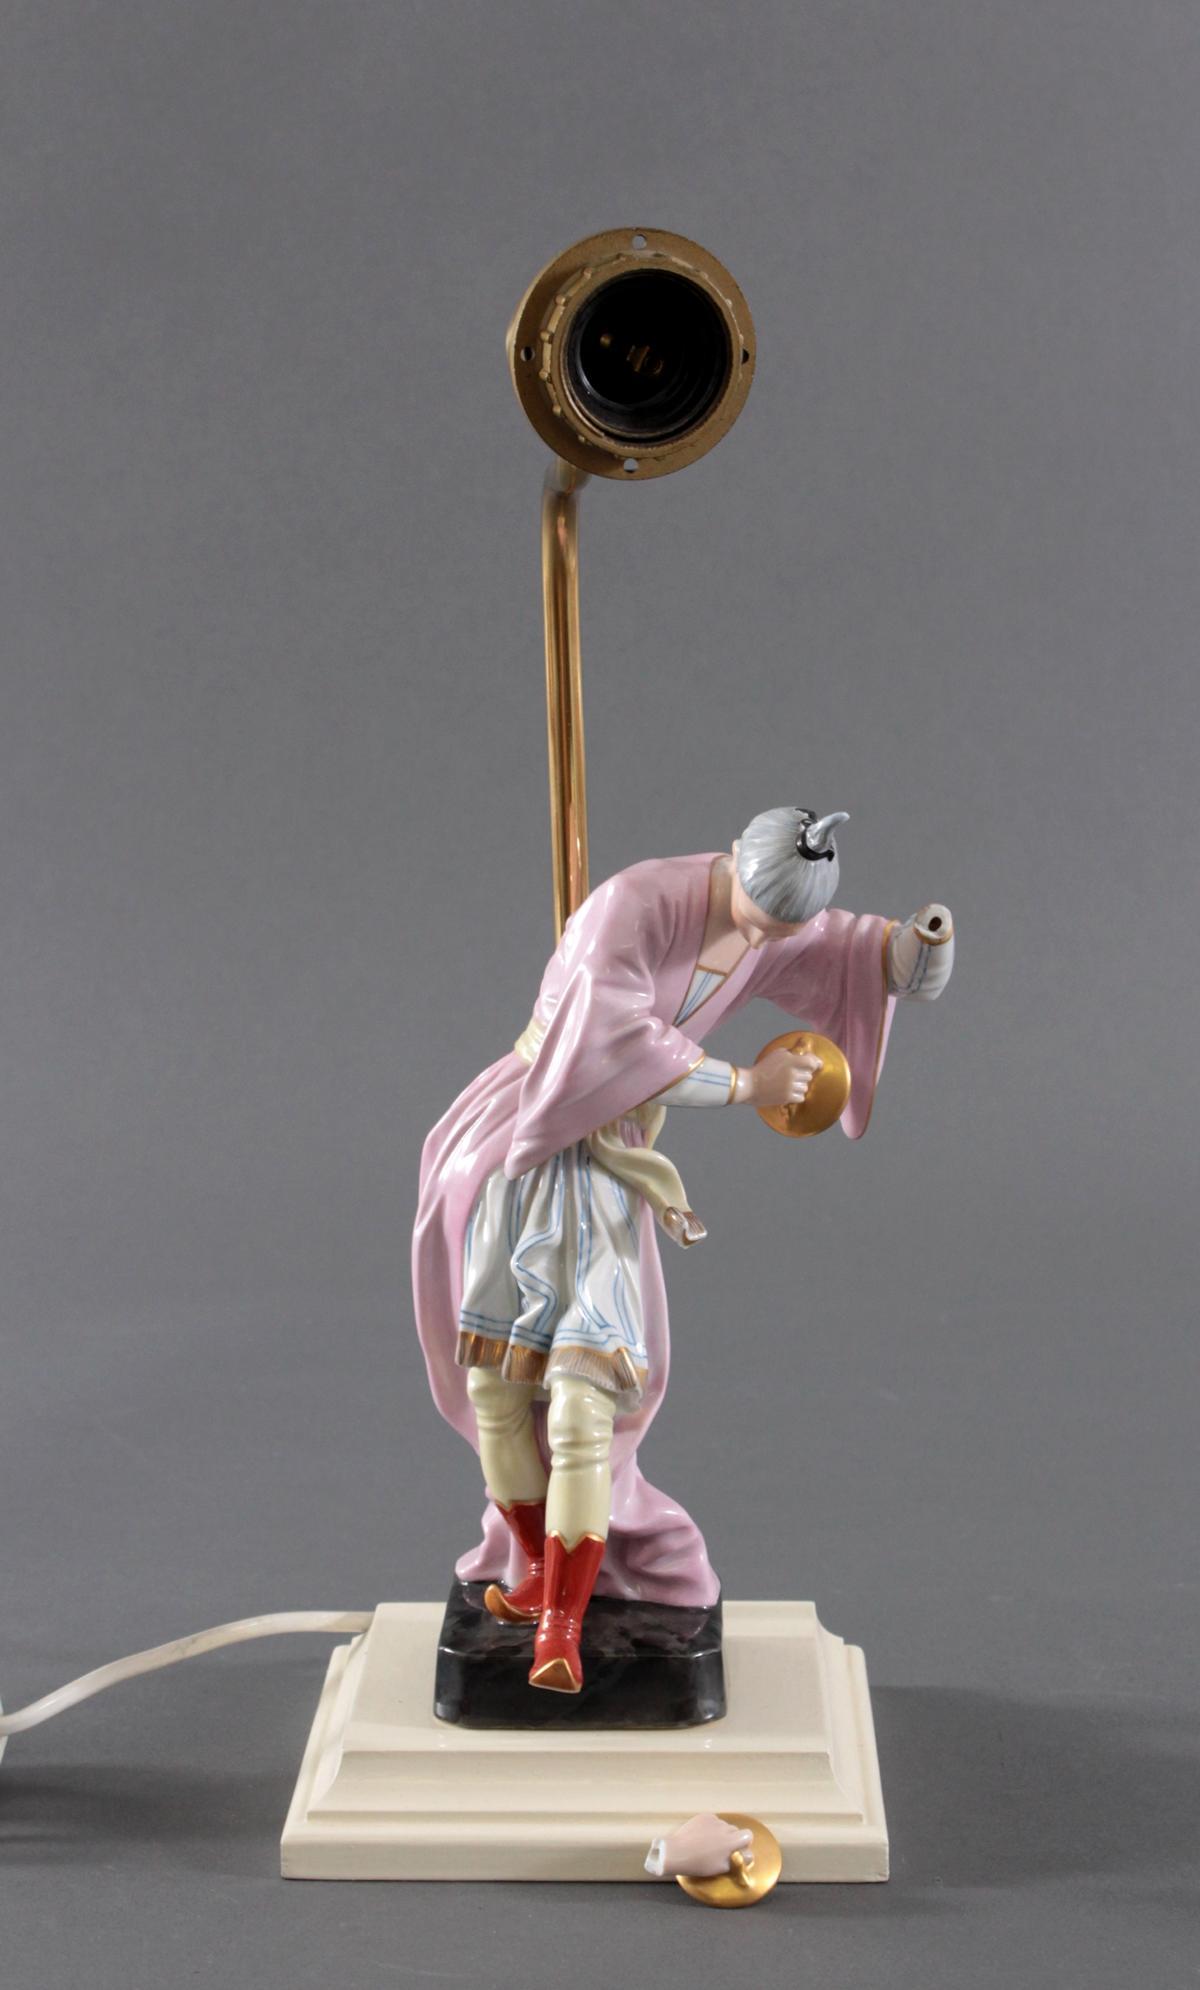 Höchster Porzellanmanufaktur. Chinese mit Tschnellen